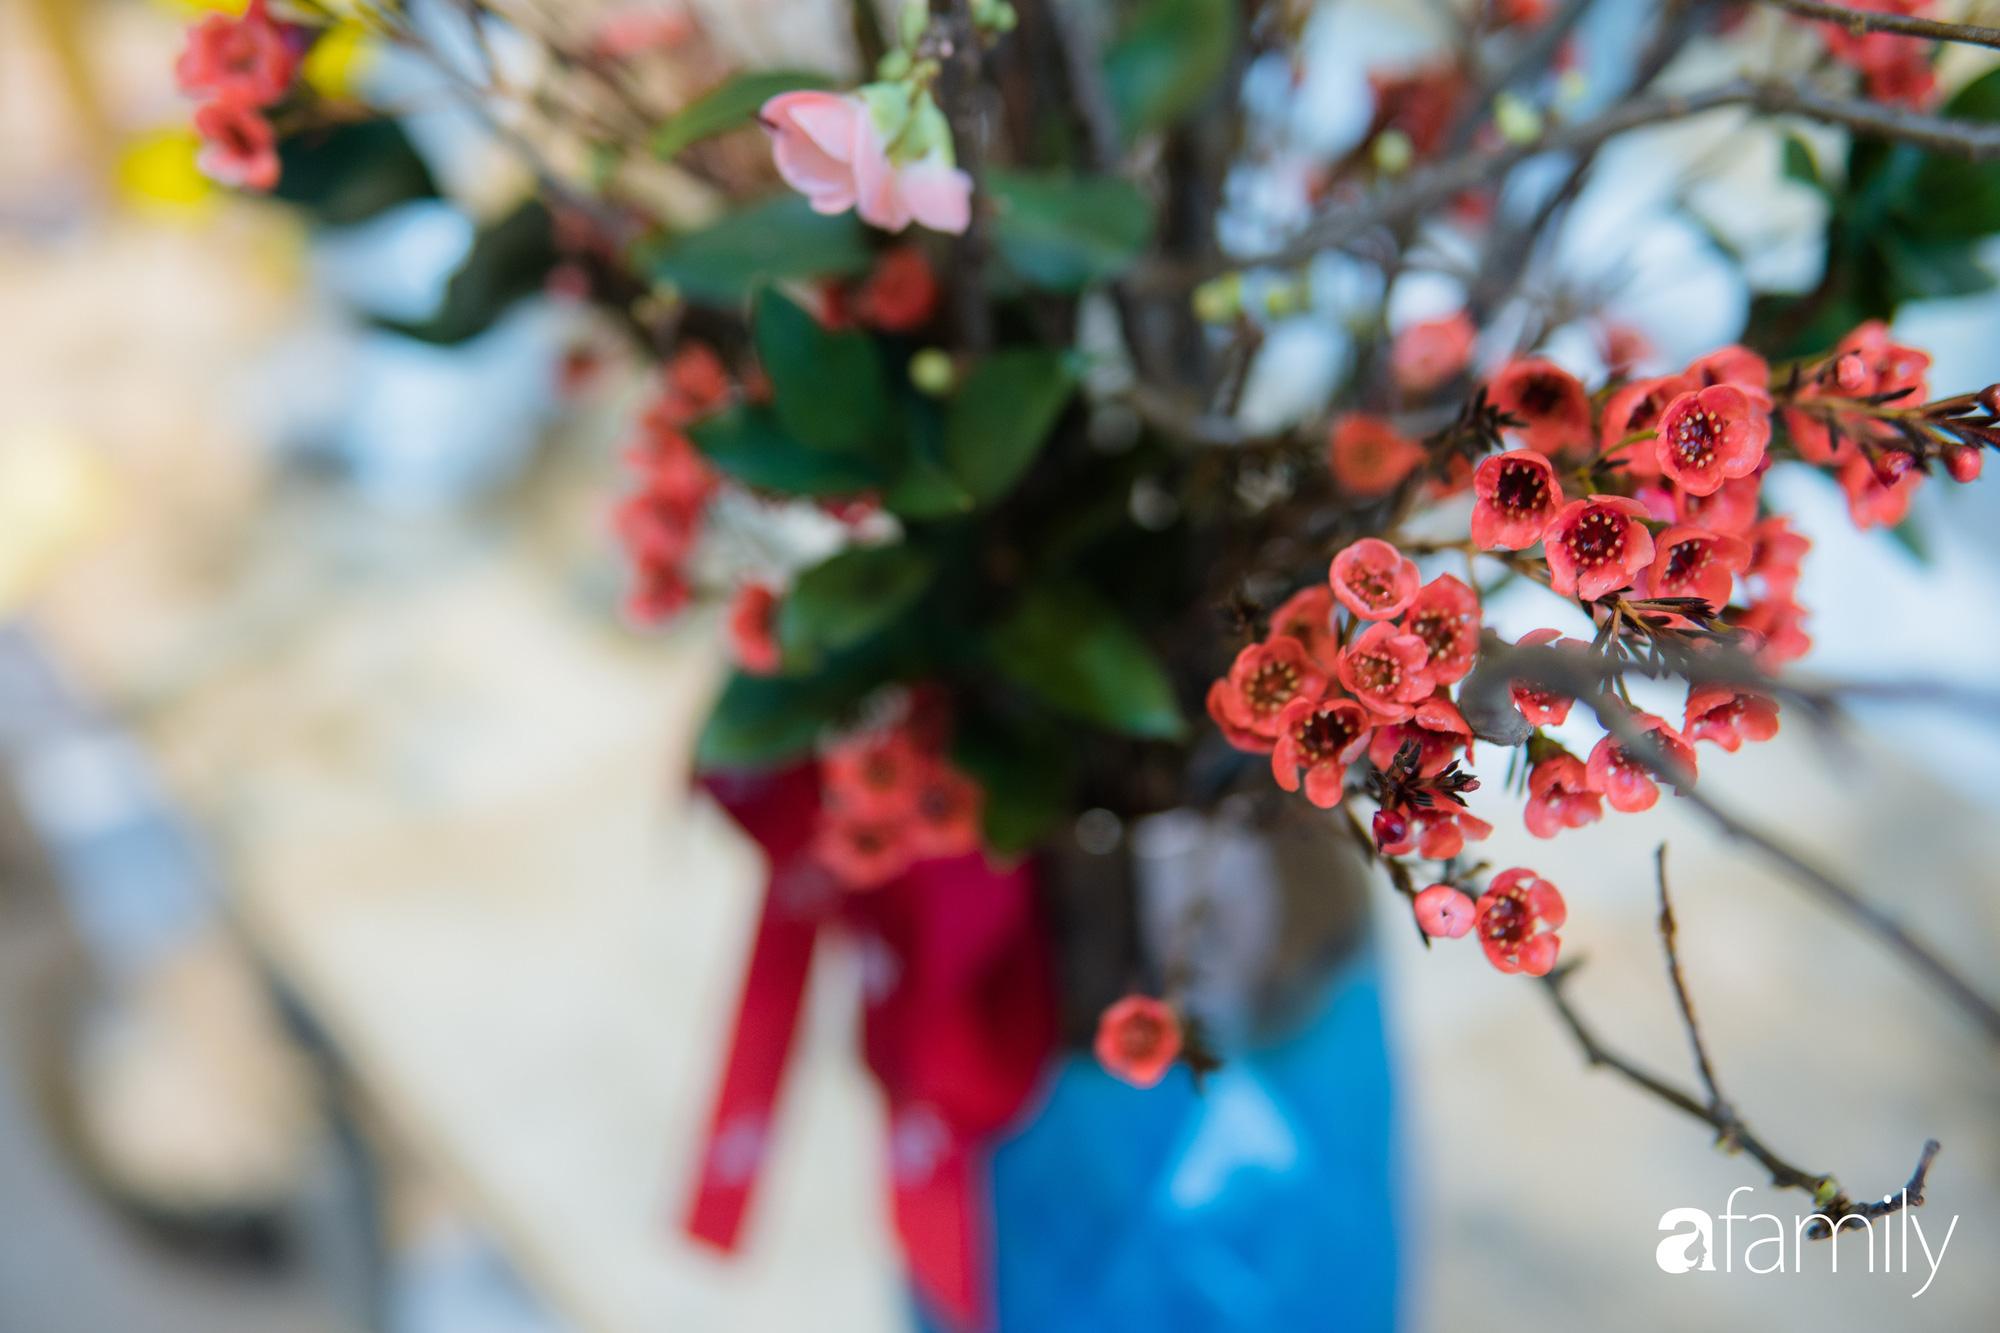 """Ngắm những loài hoa nhập khẩu đẹp lạ """"sang chảnh"""" để hiểu tại sao các đại gia Hà thành sẵn sàng chi 50 triệu sắm hoa đẹp chơi Tết - Ảnh 23."""